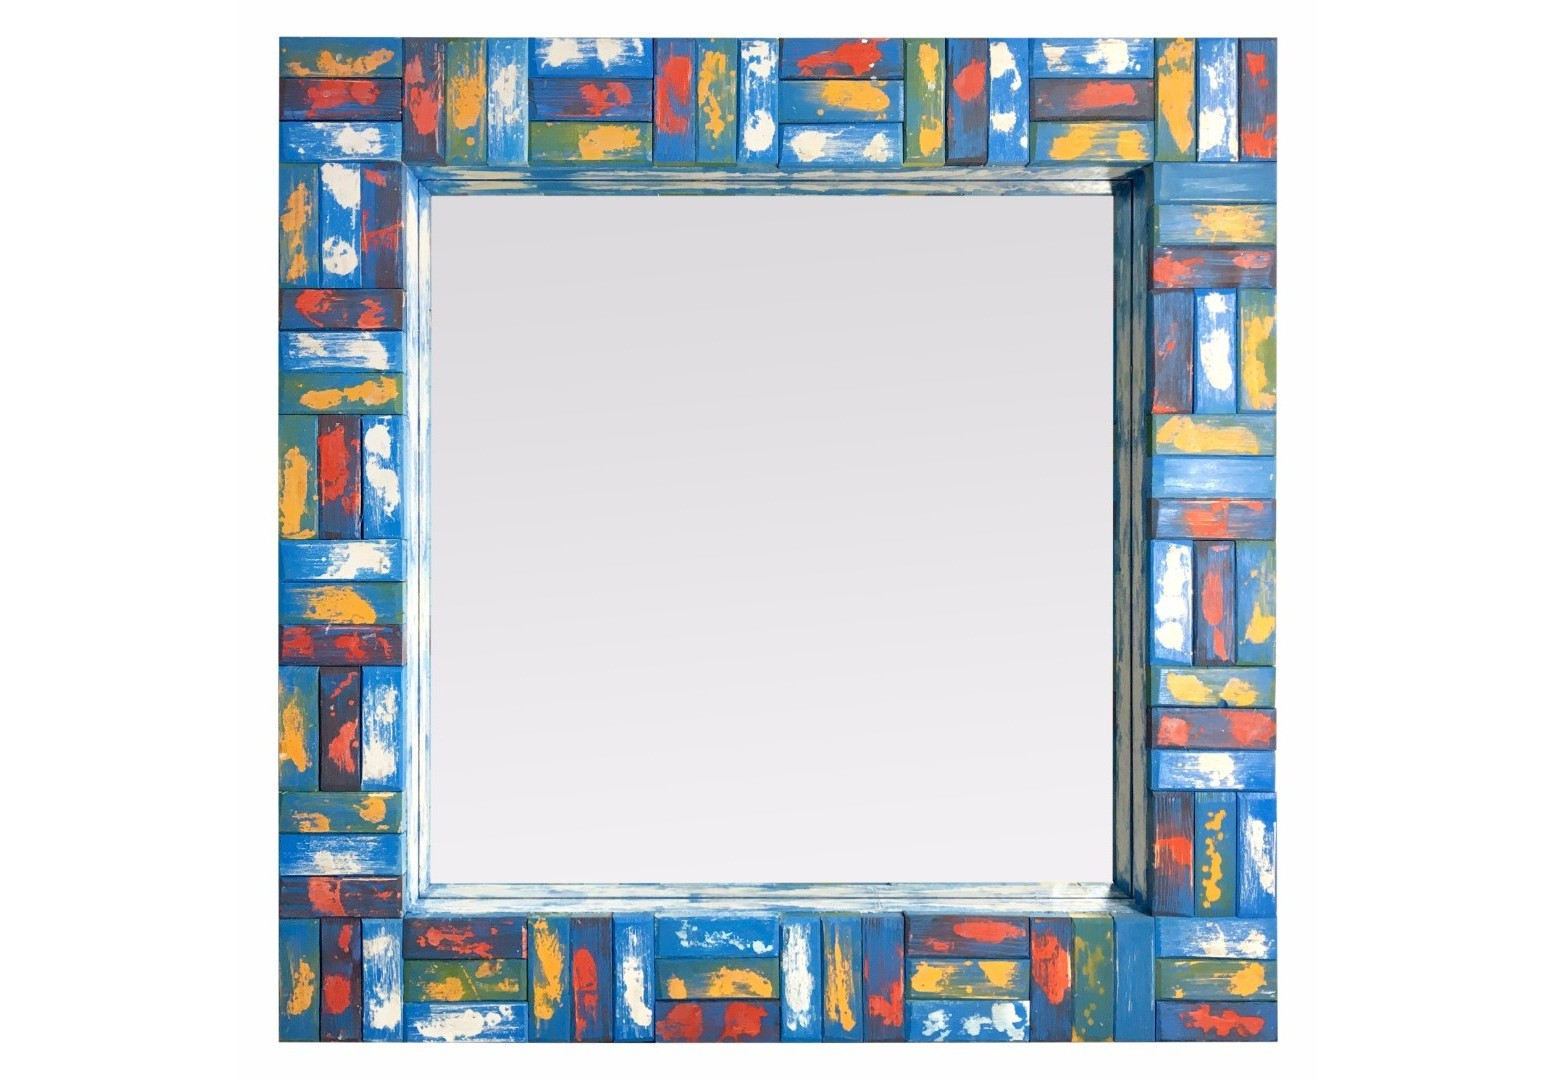 Зеркало Vivo MidiНастенные зеркала<br>Эти зеркала - наш эксперимент в своем роде. Нам захотелось привнести солнца и красок в пасмурный день. Они уникальны тем, что рама каждого состоит из мелких элементов, собранных воедино как пазл. Каждая деталь из массива дерева вручную выпиливалась, декорировалась и с ювелирной точностью выкладывалась руками наших мастеров. За жизнерадостный стиль мы назвали эту серию ViVo от испанского живой. Сочный дизайн удивляет яркими оттенками, создающими красочное единство. Центральное зеркальное полотно посажено вглубь. Этот прием позволяет придать зеркалу объем и дополнительное боковое отражение. Зеркала ViVo добавят в ваше пространство энергию, радость и наполнят жизнью.&amp;nbsp;Возможно изготовление по Вашим цветам и размерам.Материал:                     массив дерева        .Ширина рамы 12 см.<br><br>kit: None<br>gender: None